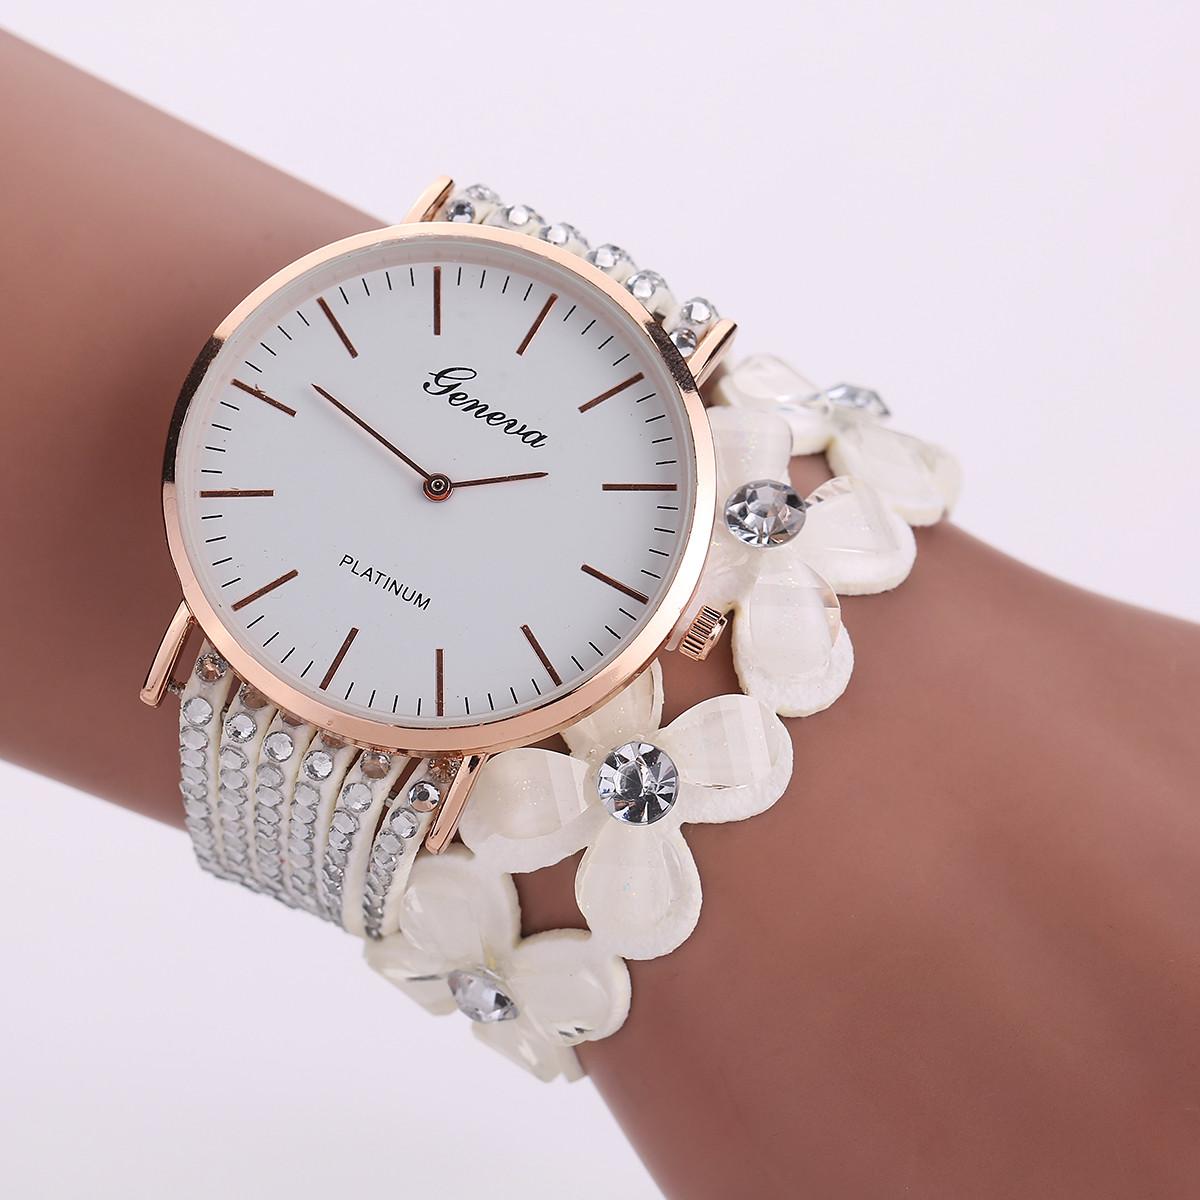 Крупные круглые часы «Geneva» с длинным белым ремешком из страз и цветов купить. Цена 299 грн